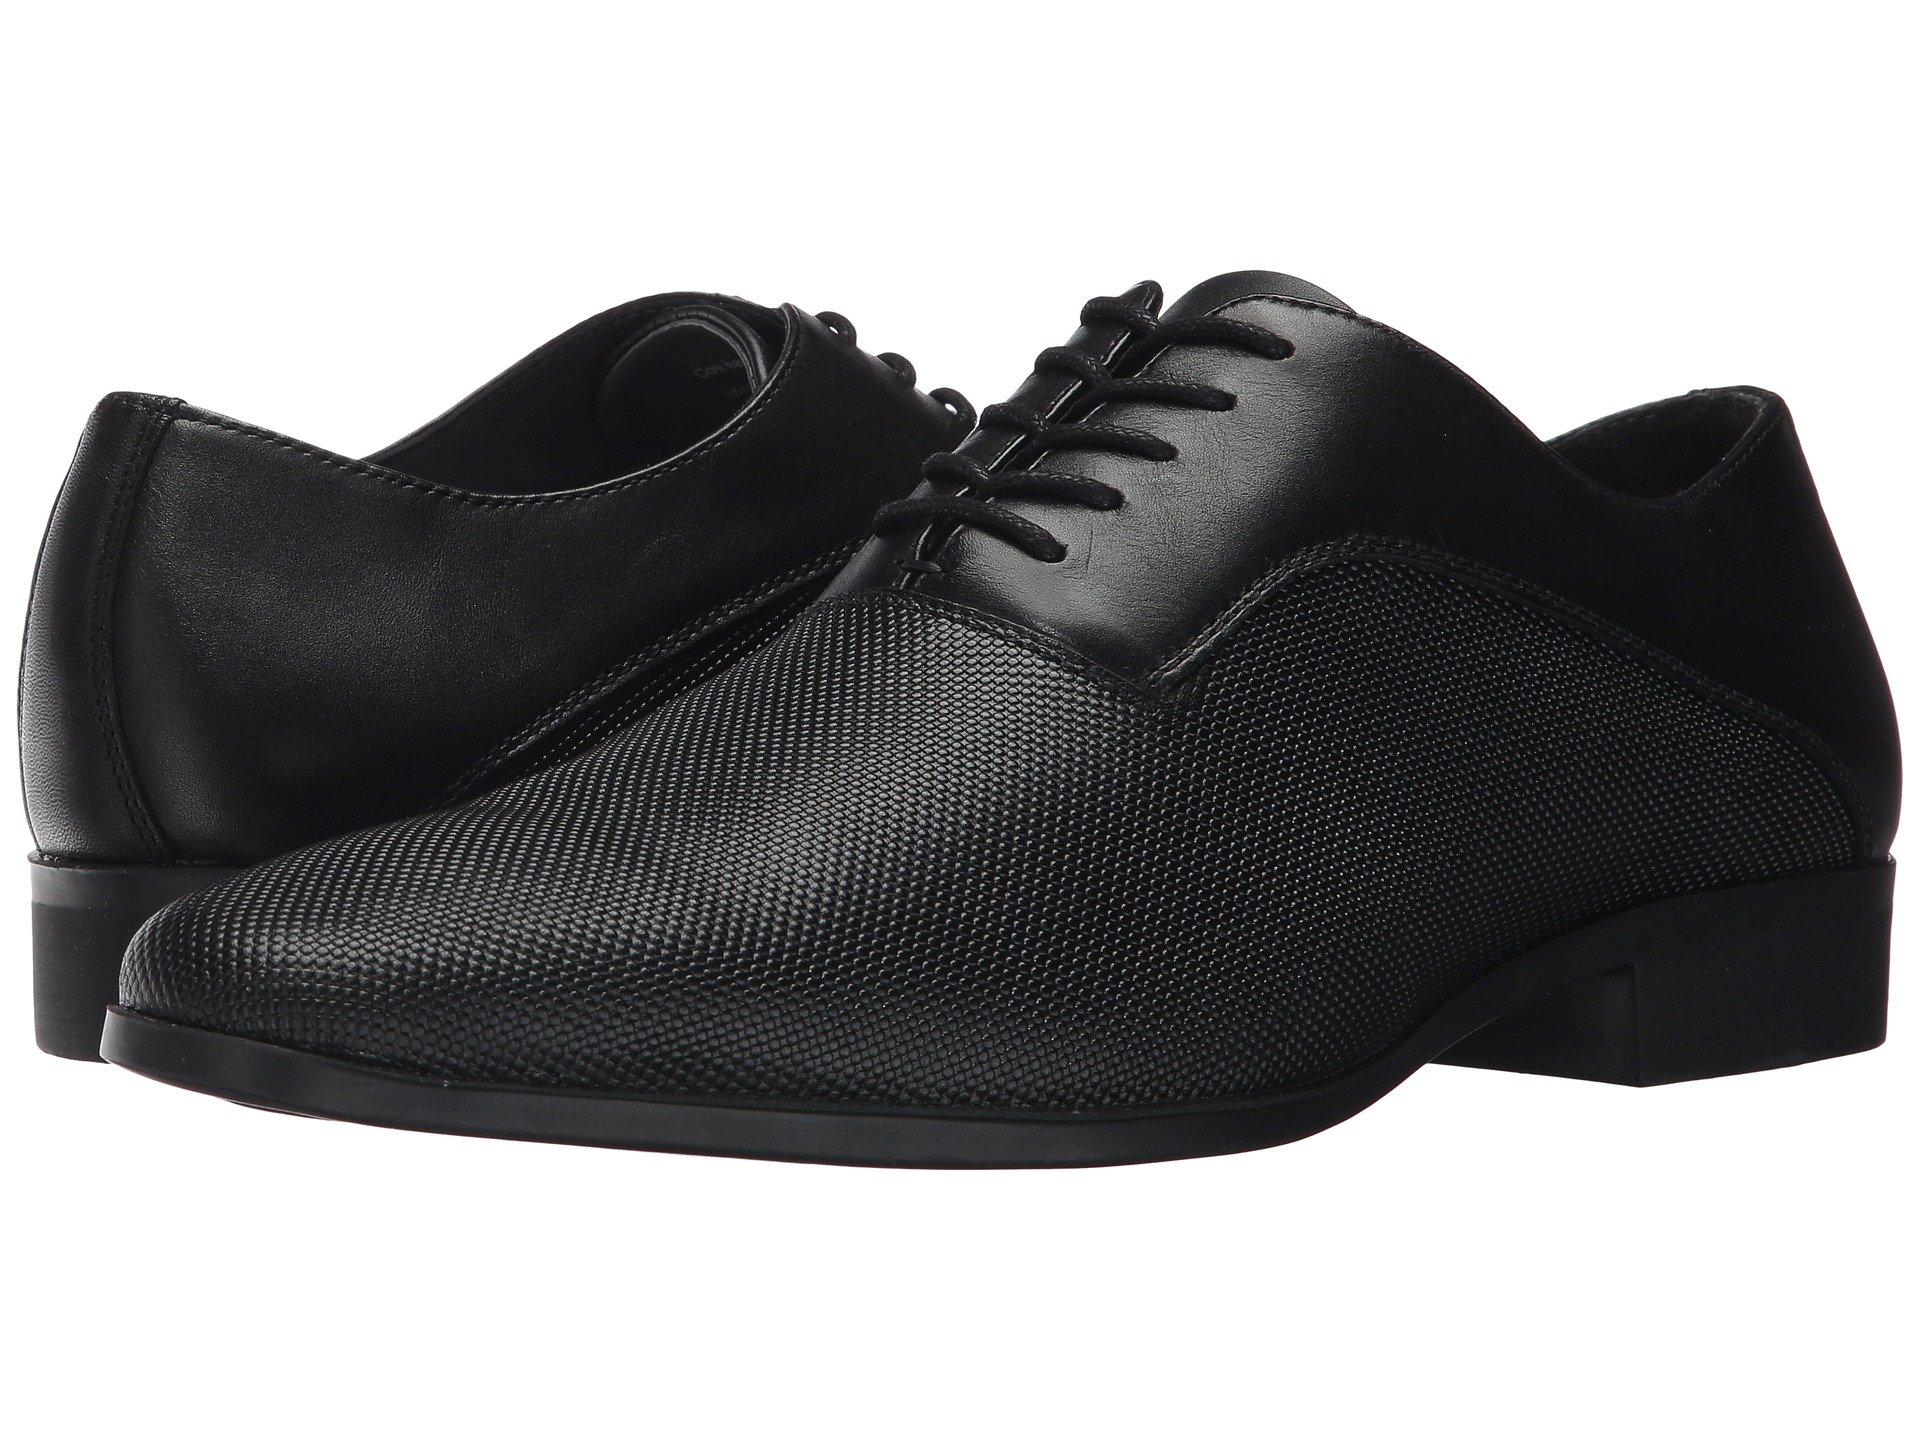 Giày Tây Nam Aldo Cột Dây Kiểu Dáng Sang Trọng Trigolle